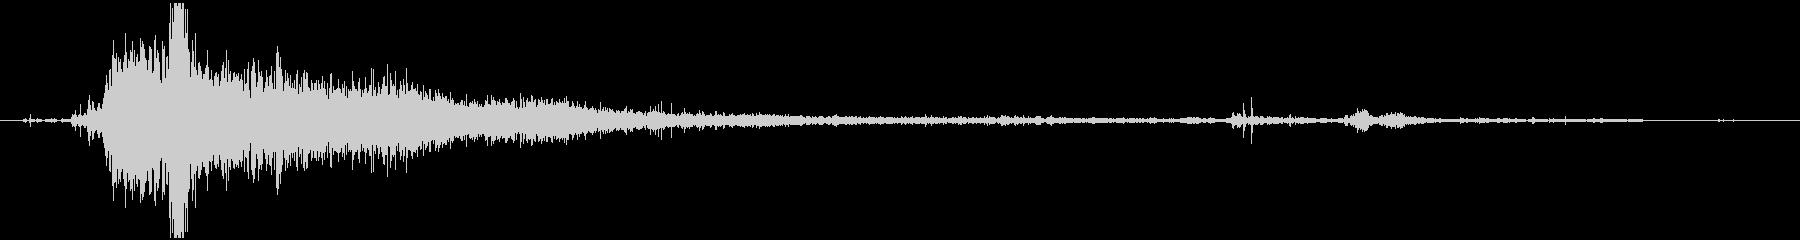 【環境音】 33 強めの水音の未再生の波形